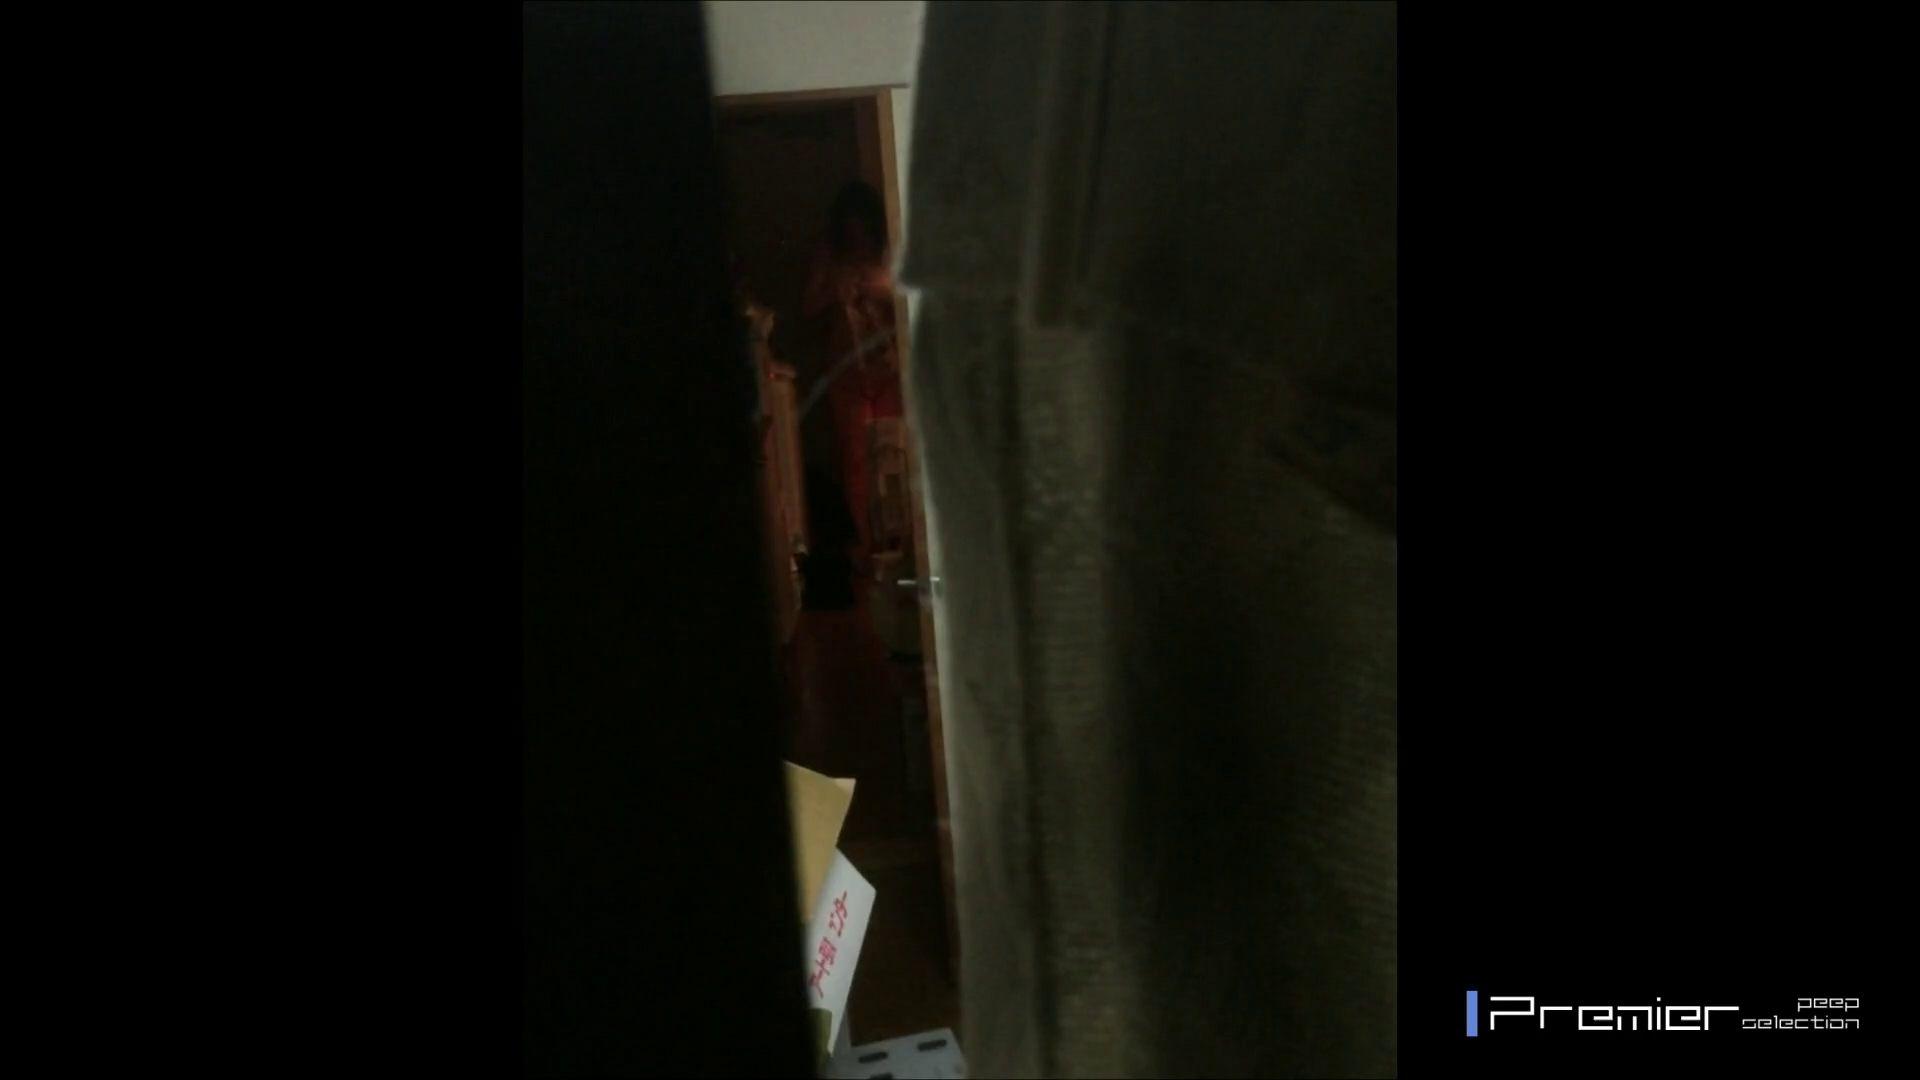 マニア必見!ポチャ達のカーニバル美女達の私生活に潜入! 丸見え 性交動画流出 27画像 25